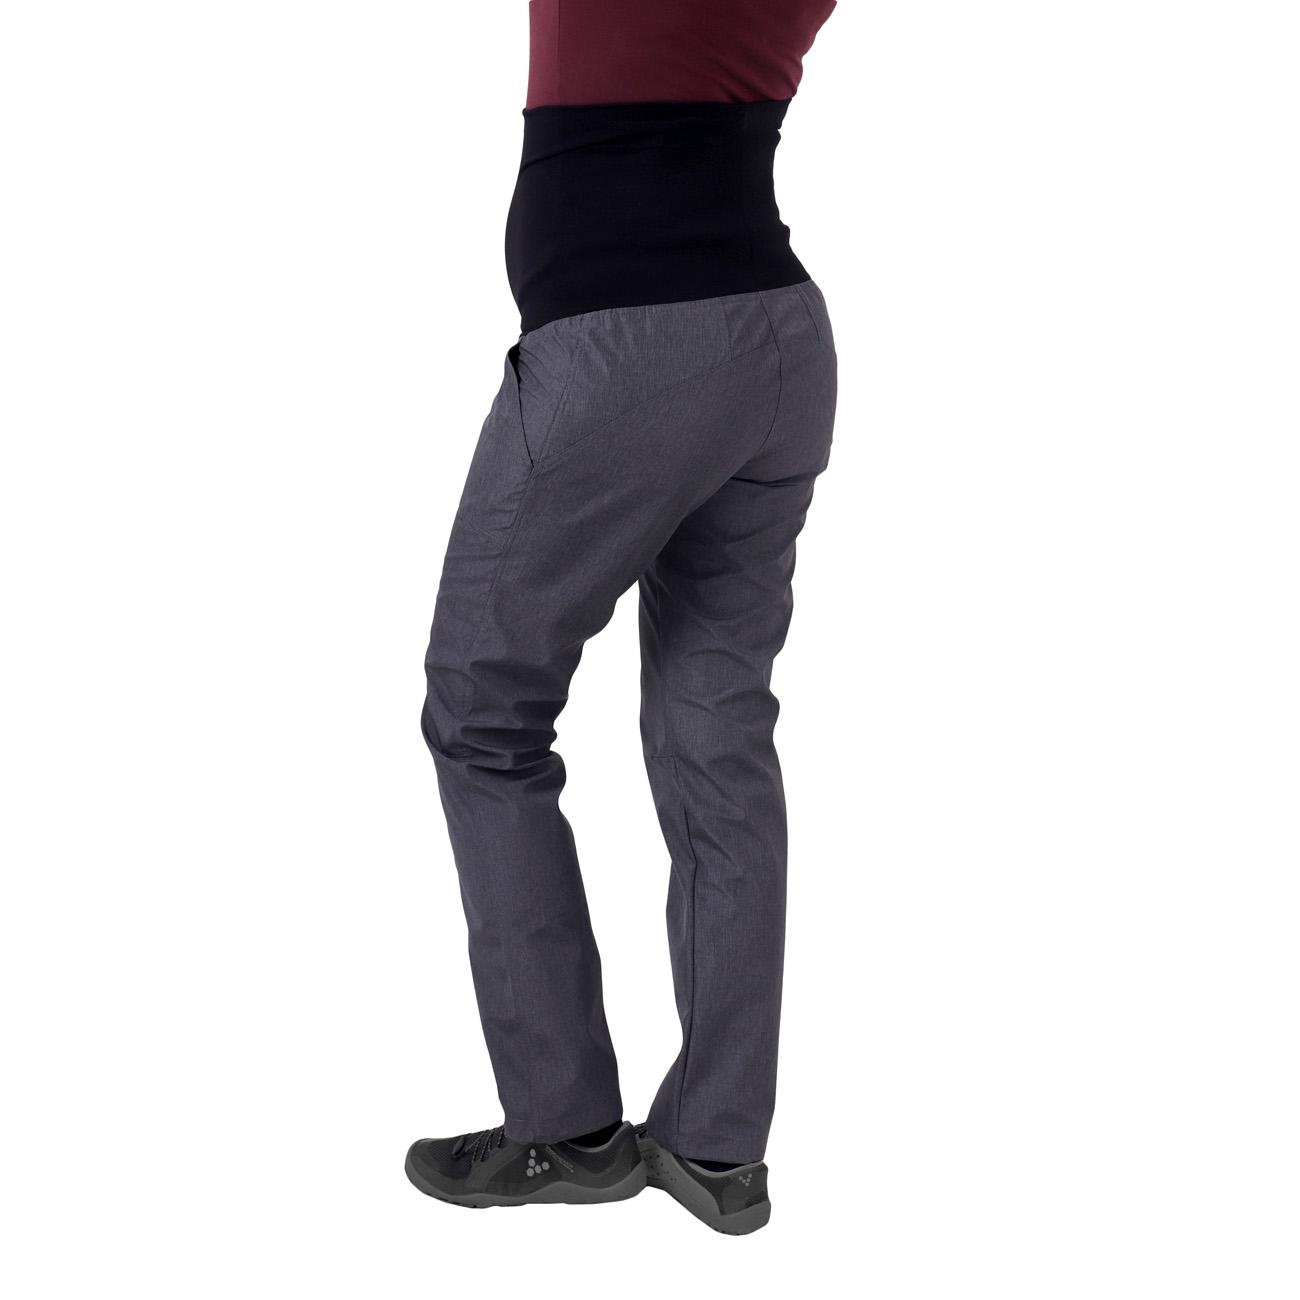 Jarní/letní těhotenské softshellové kalhoty liva, šedý melír, 36 normální délka